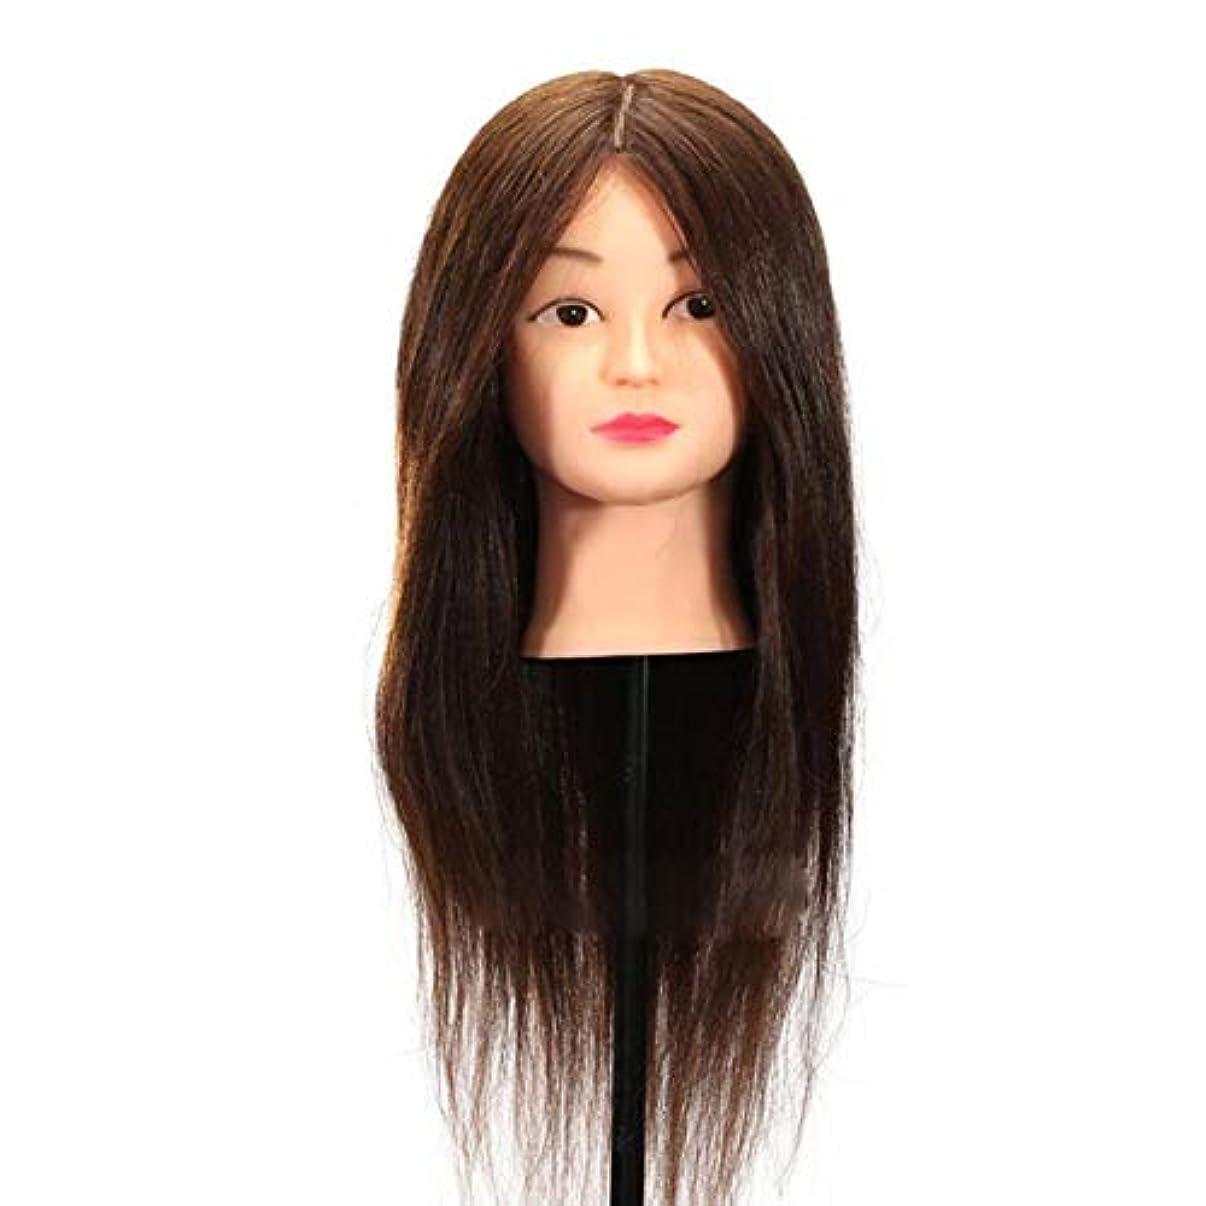 エンターテインメント吸収帽子ヘアマネキンヘッド練習ディスク髪編組ヘッドモデル理髪店学校教育かつらヘッドバンドブラケット